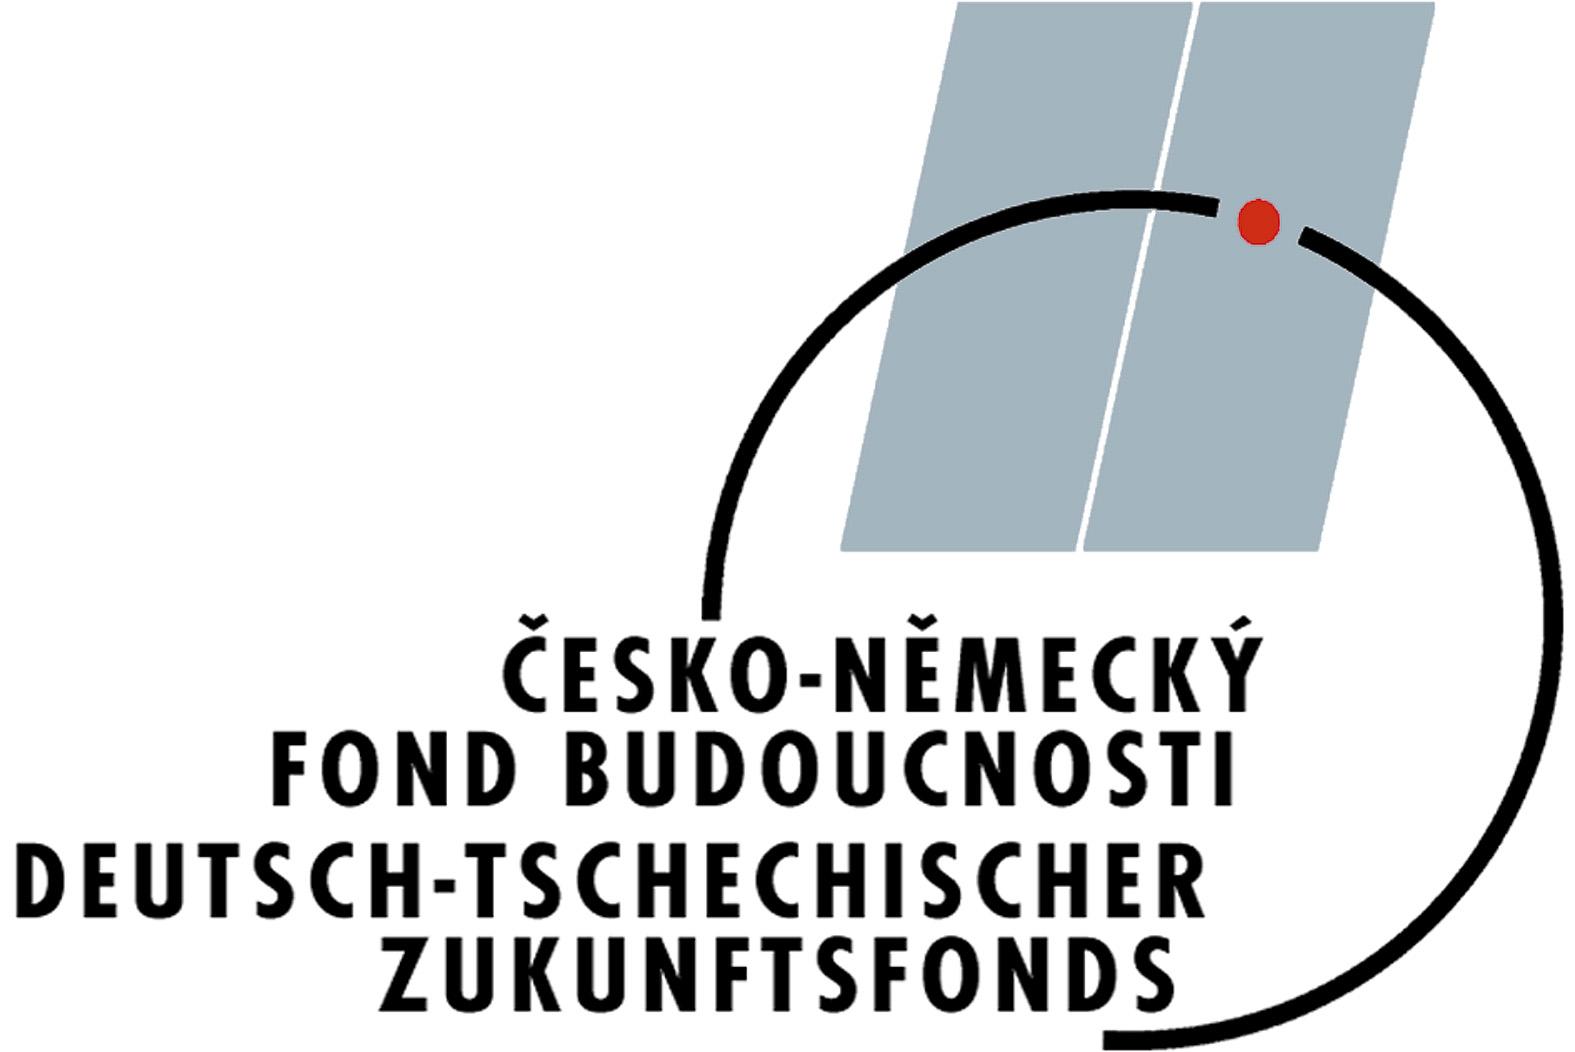 cnfb-logo-barevne-ve-formatu-jpg